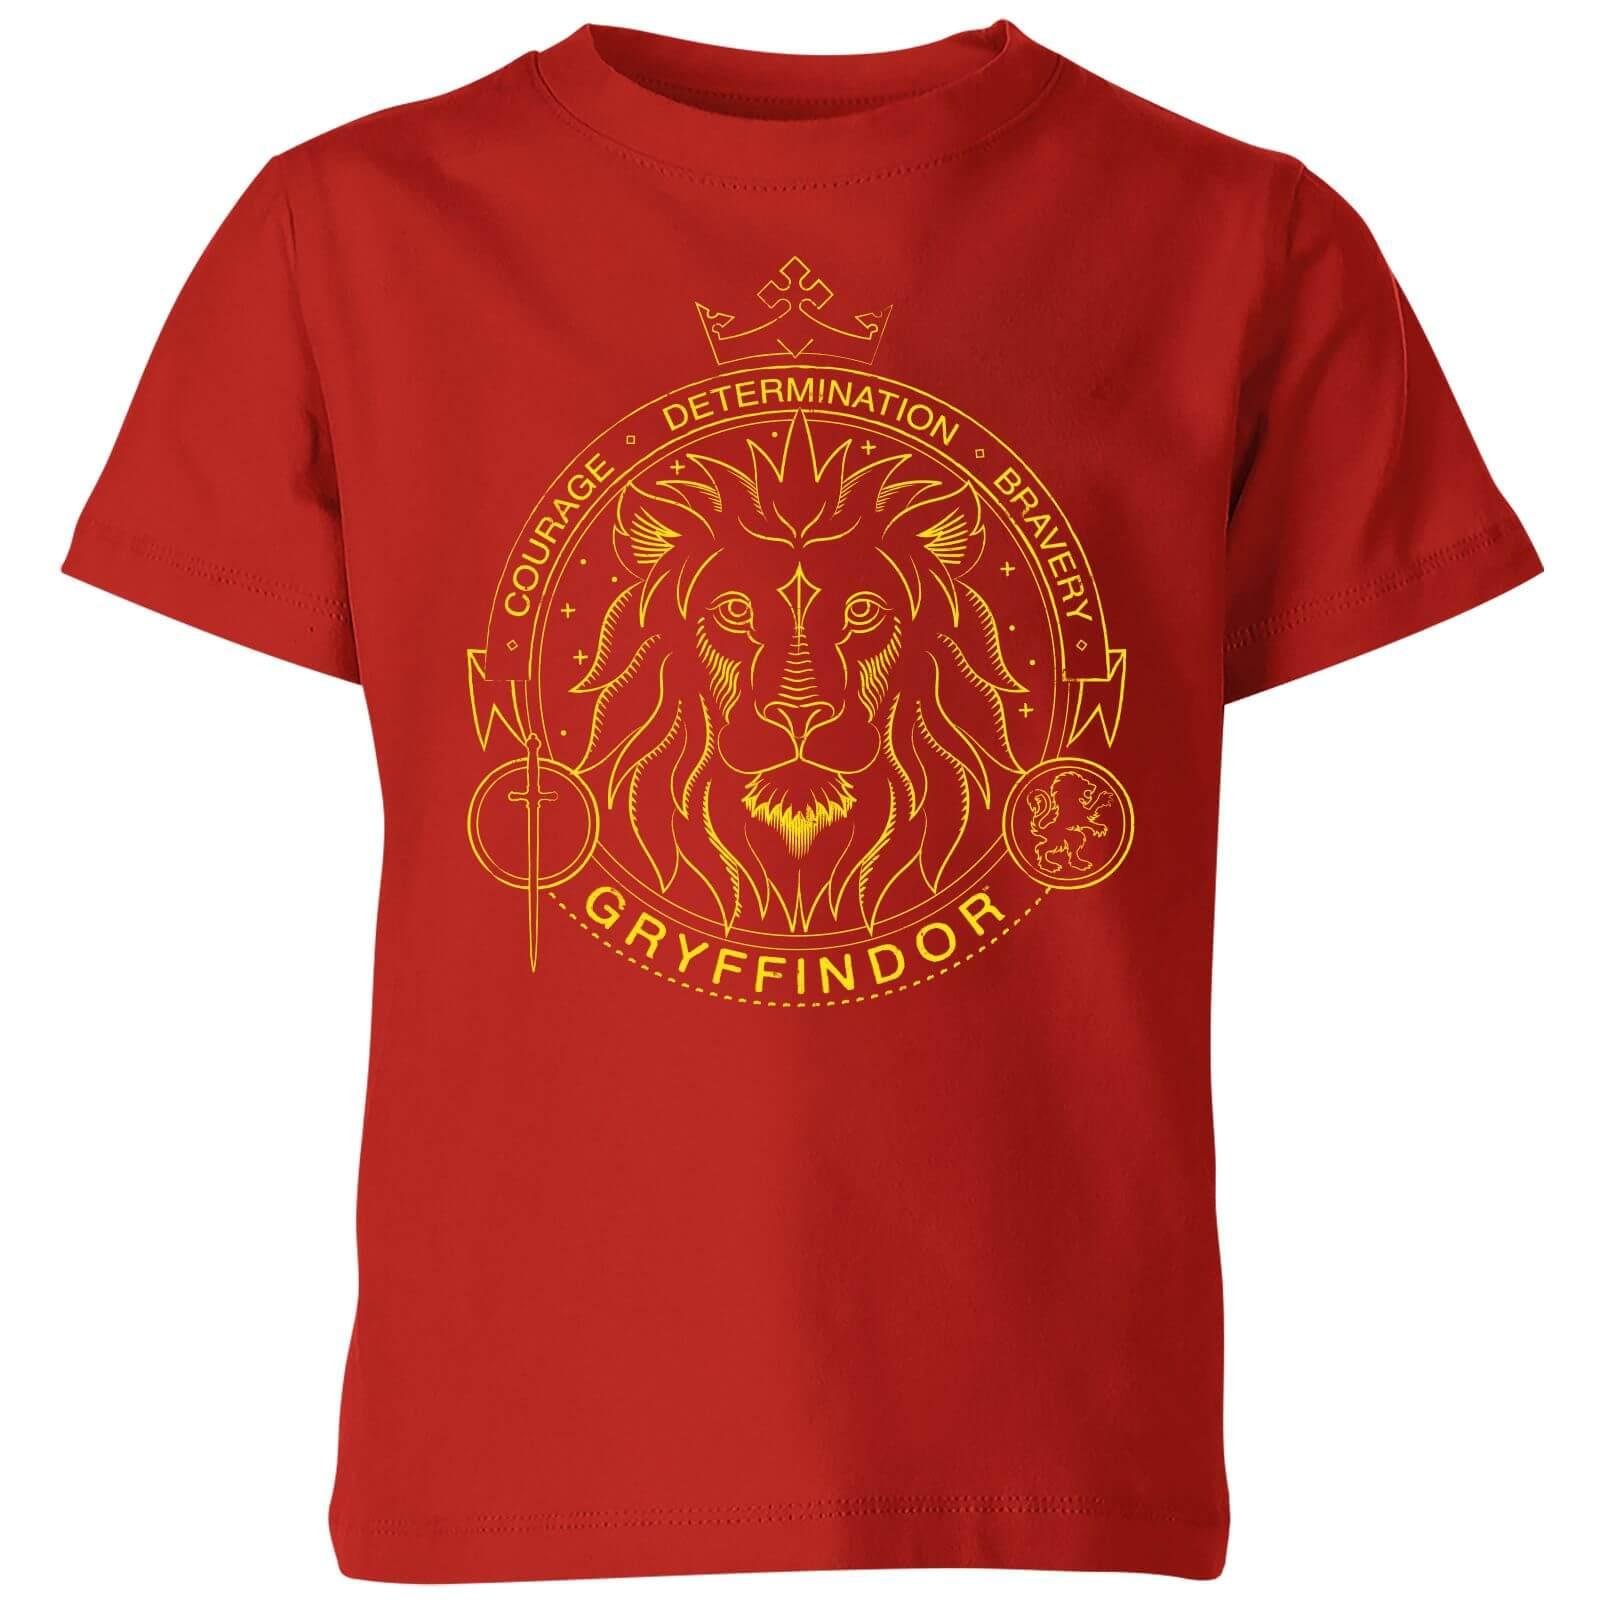 Harry Potter Gryffindor Lion Badge Kids' T-Shirt - Red - 9-10 ans - Rouge